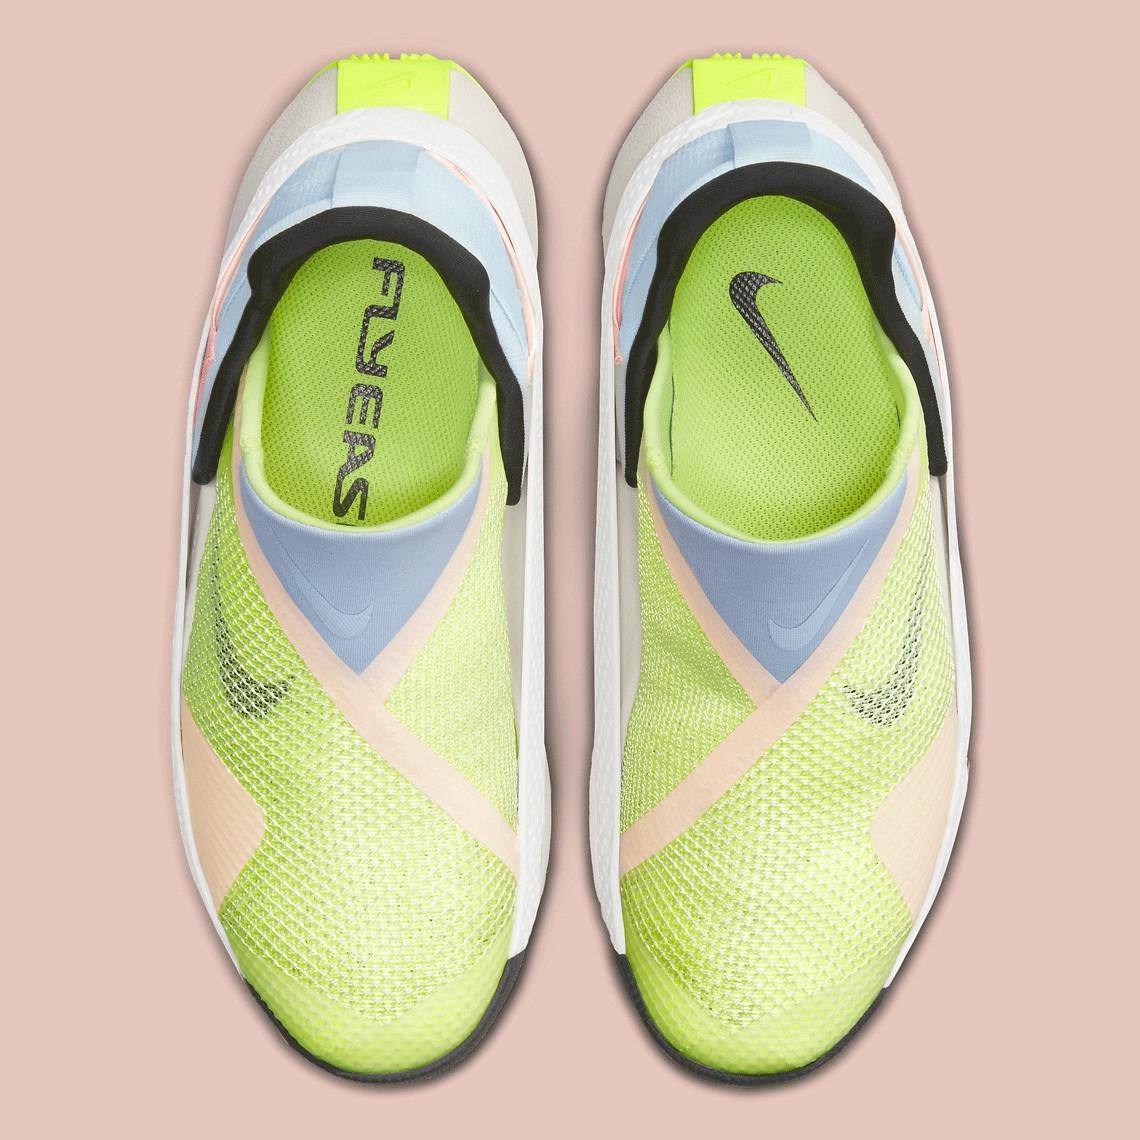 Nike dévoile officiellement la Go FlyEase, sa première véritable chaussure mains libres